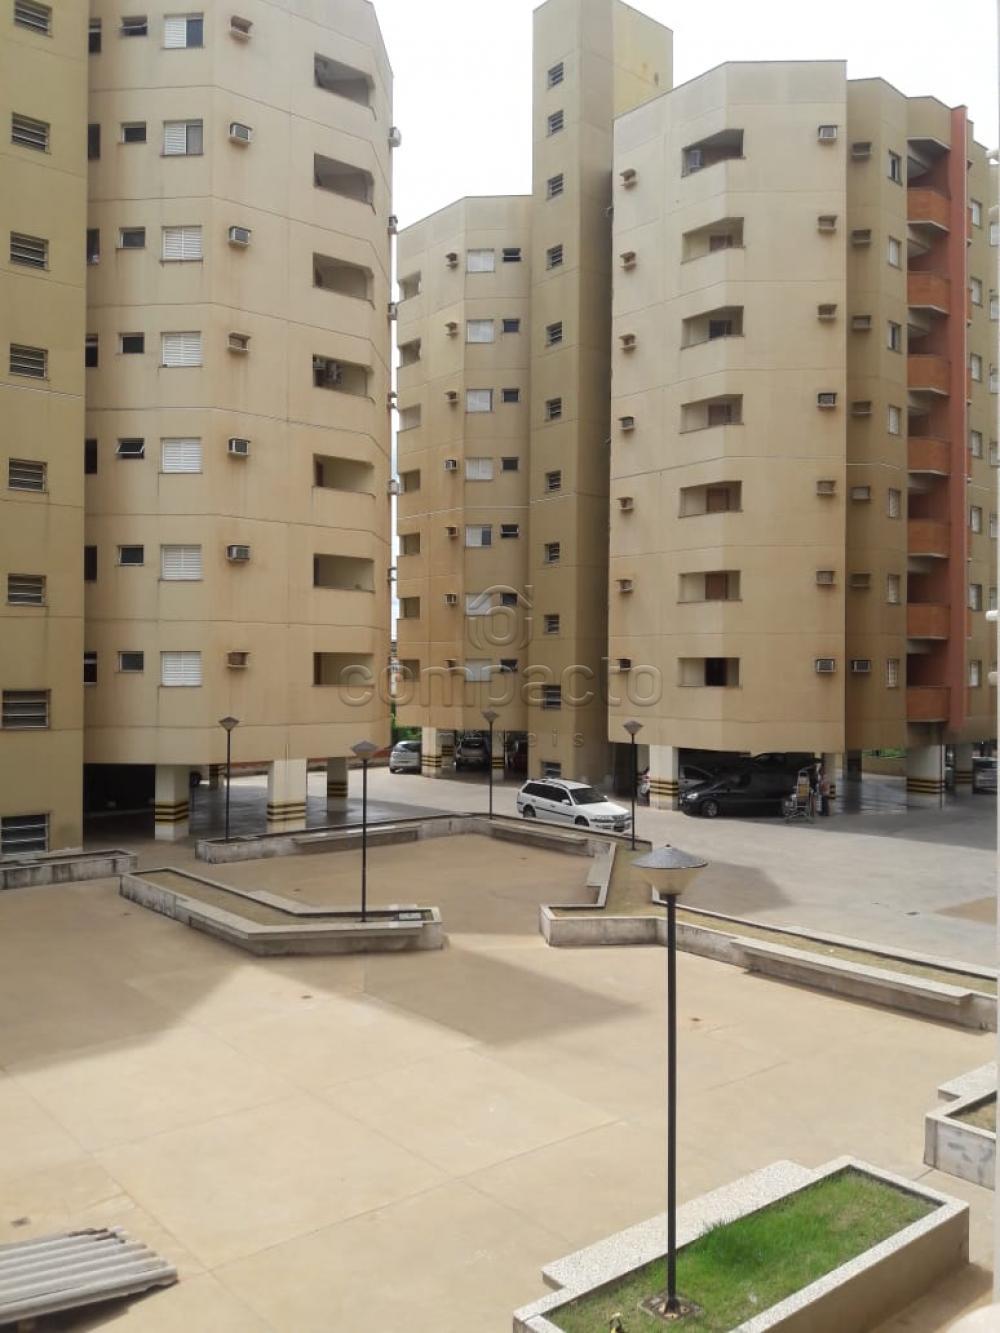 Alugar Apartamento / Padrão em São José do Rio Preto apenas R$ 1.300,00 - Foto 1